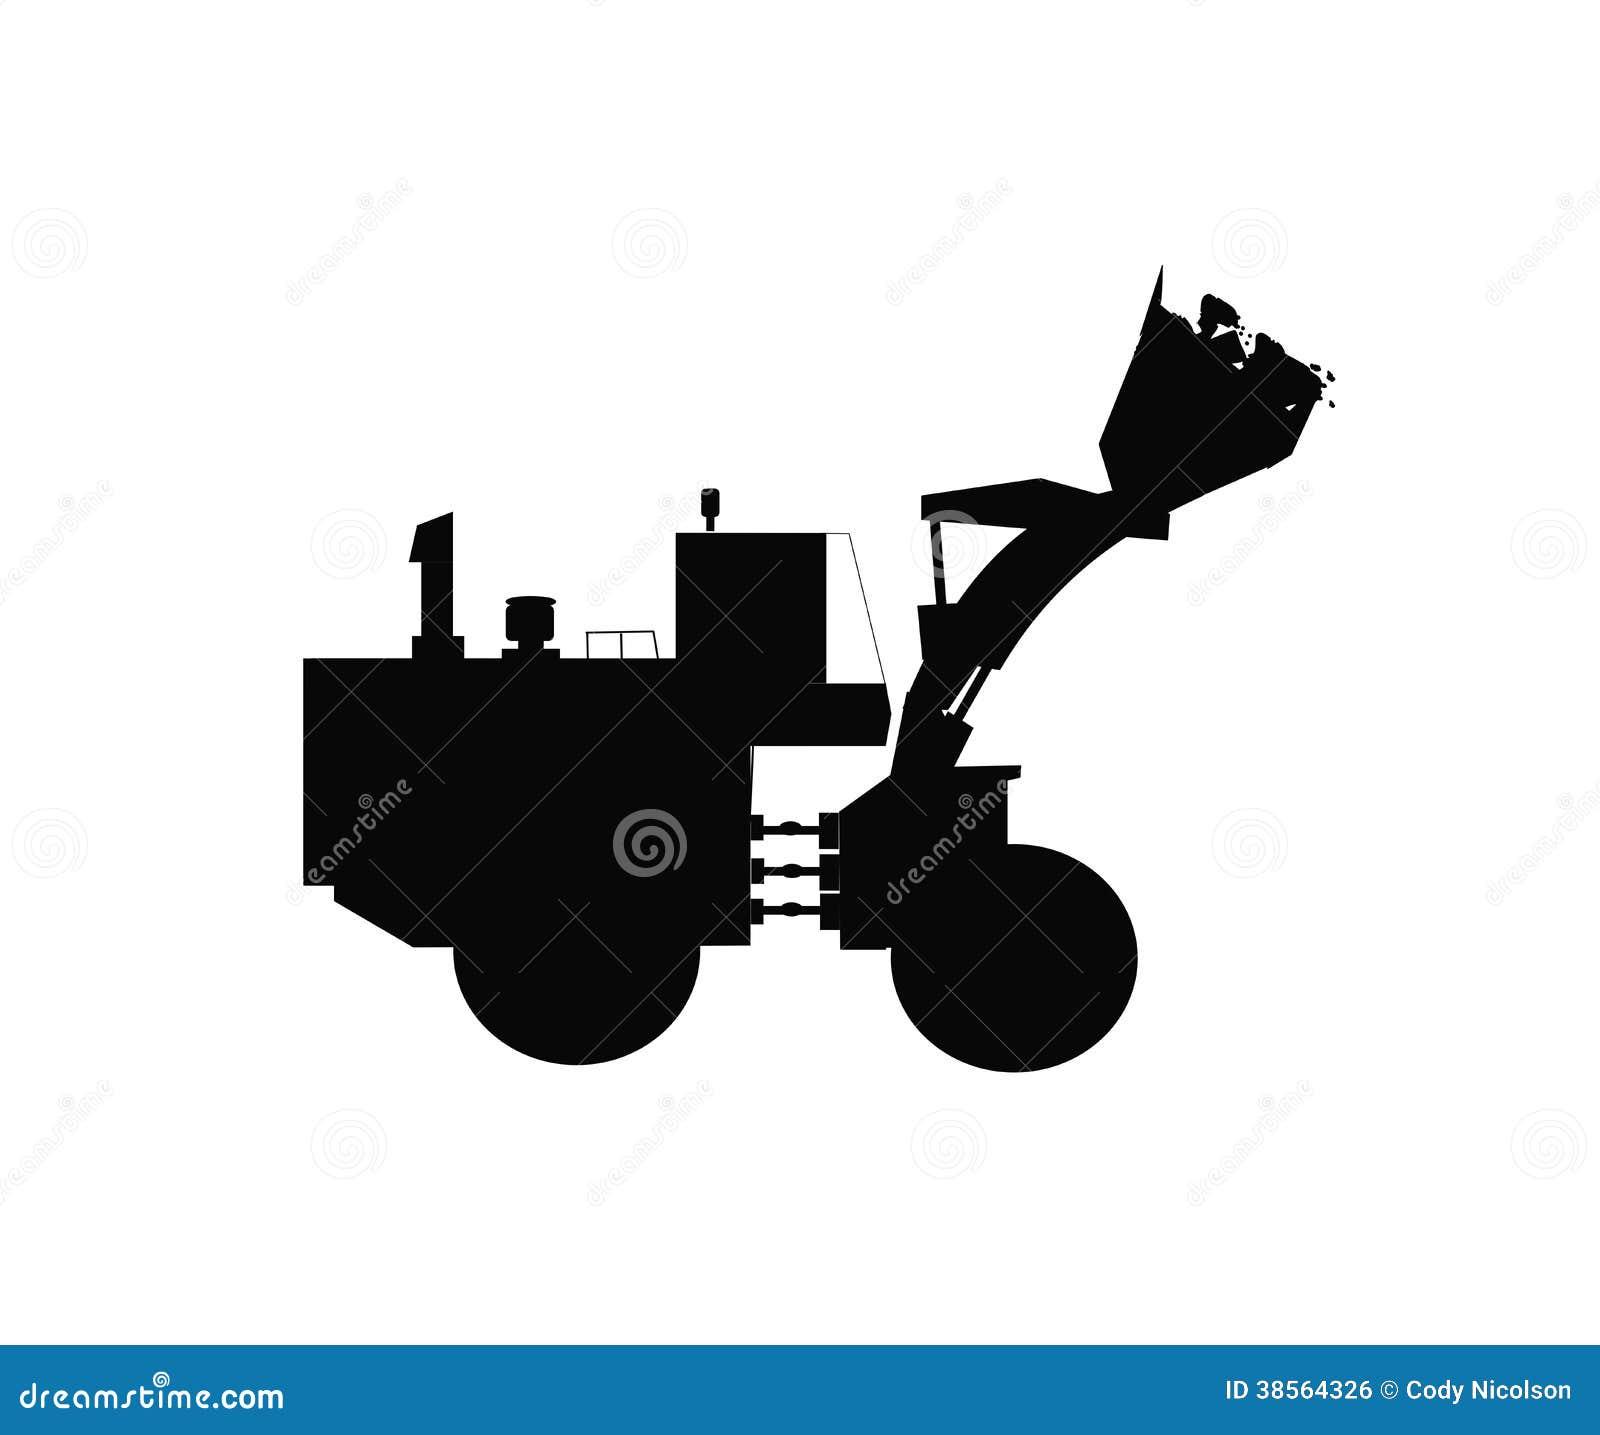 Bulldozer silhouette stock vector. Illustration of details ...